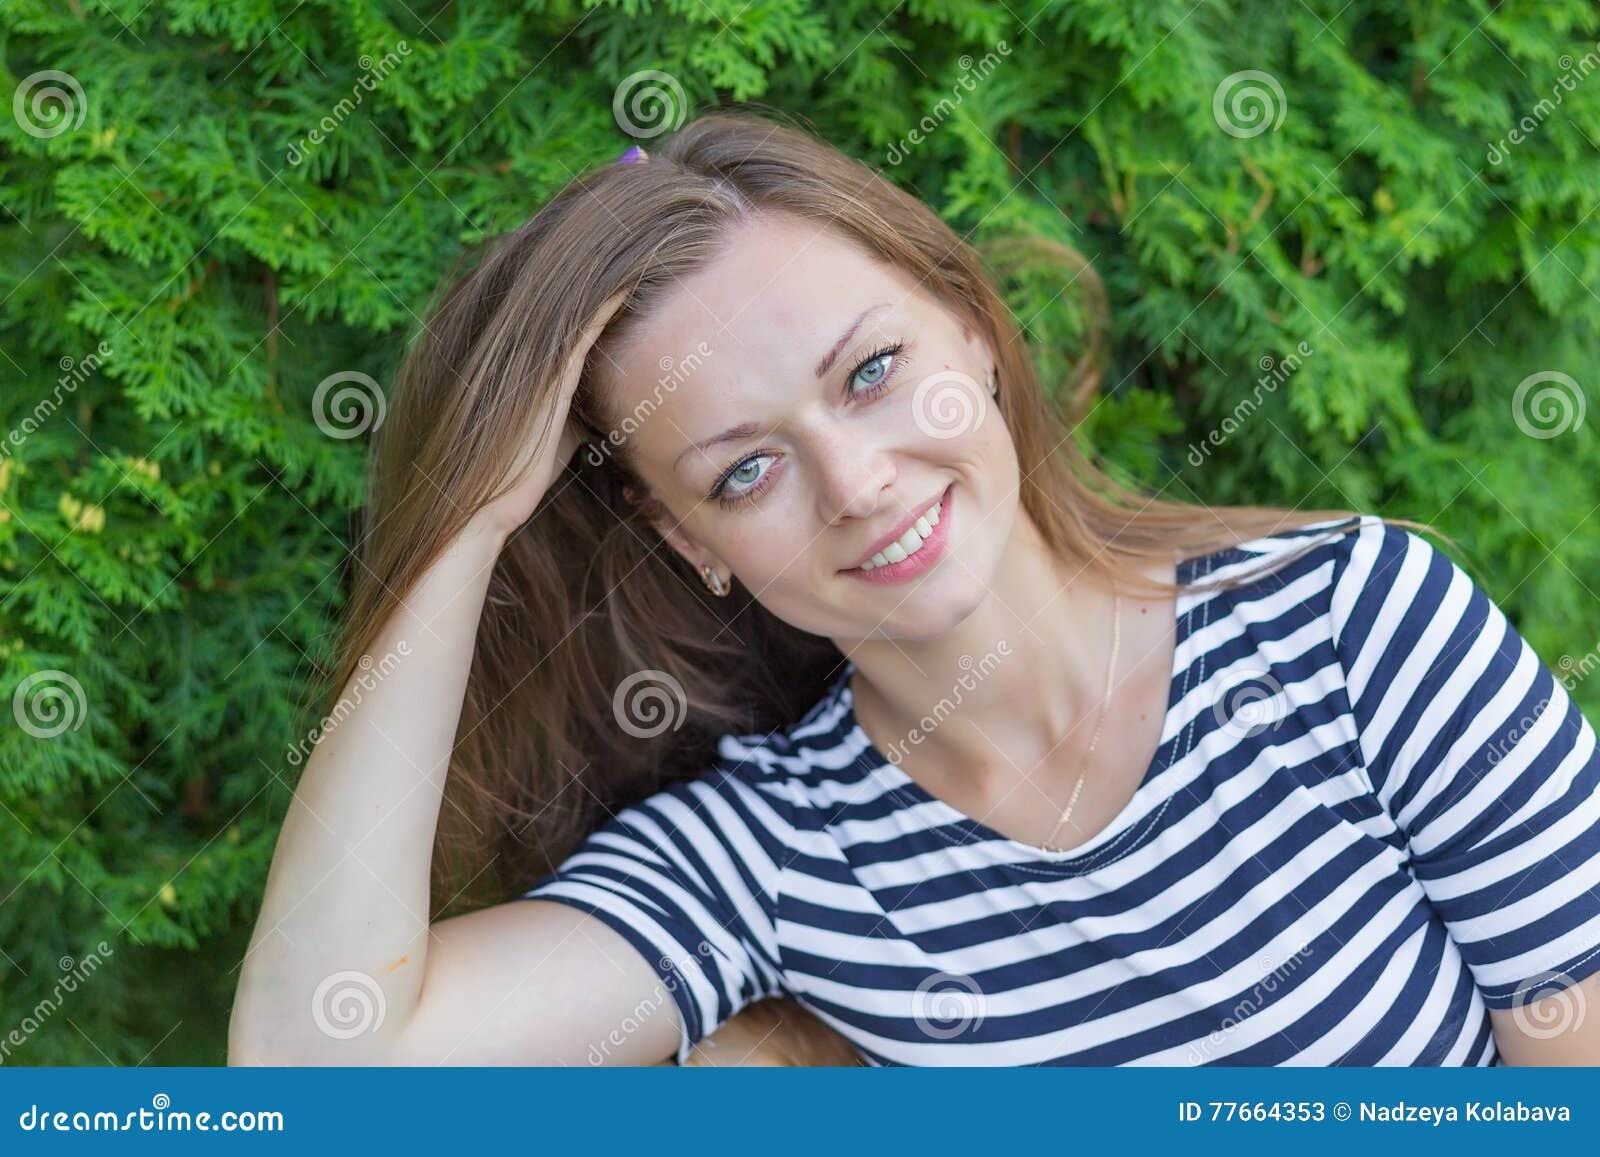 Портрет красивой девушки с длинными светлыми волосами